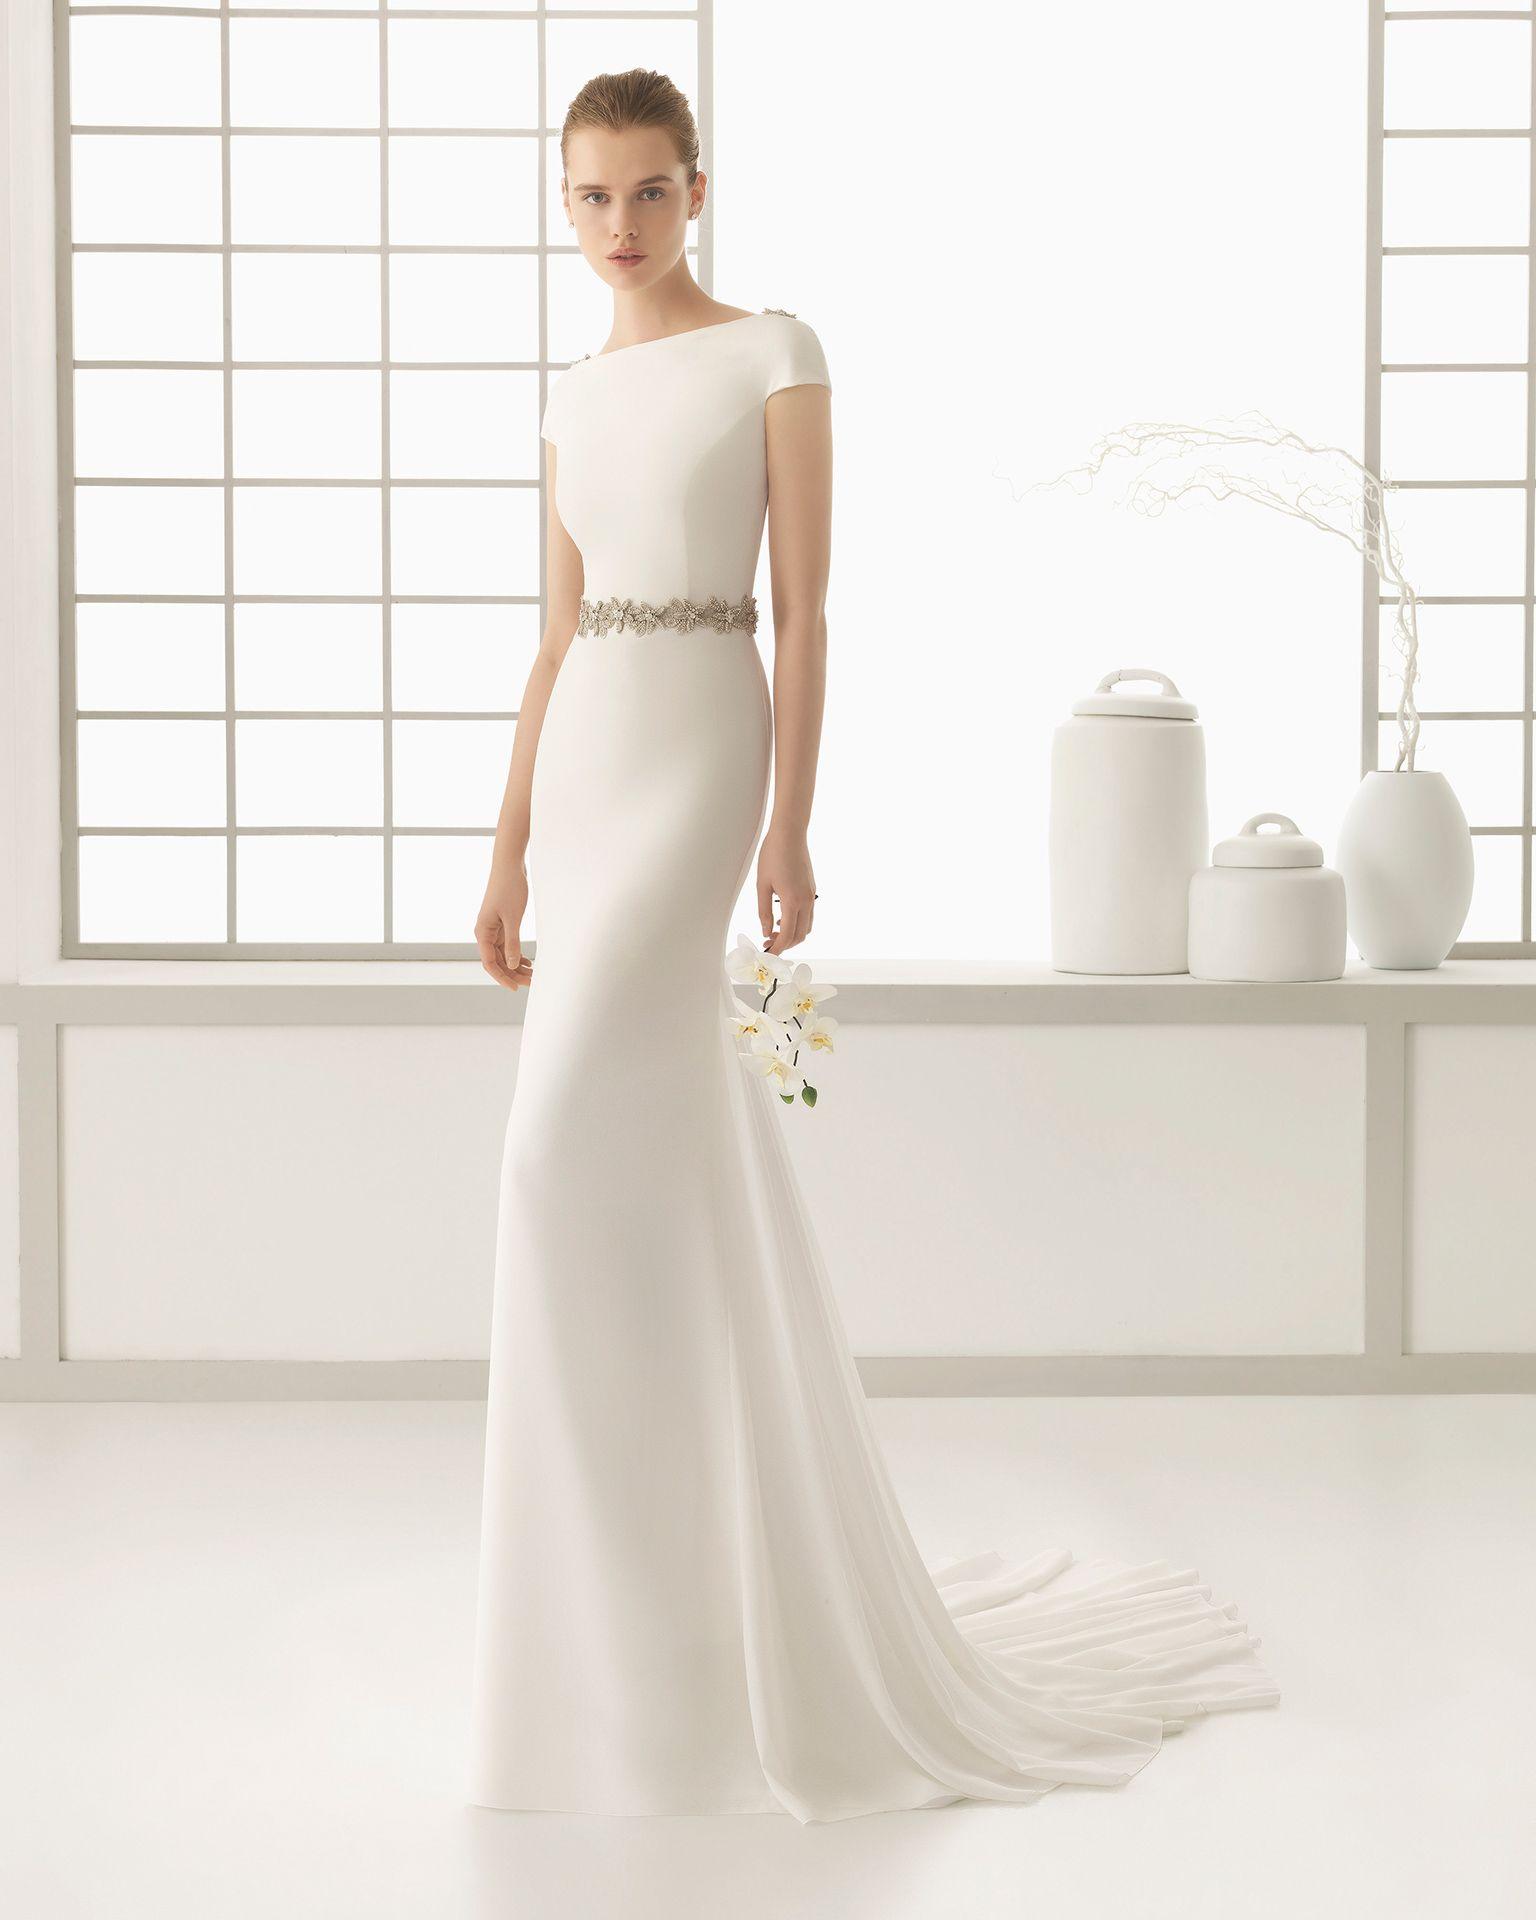 Más de 1000 imágenes sobre vestidos de novia en Pinterest